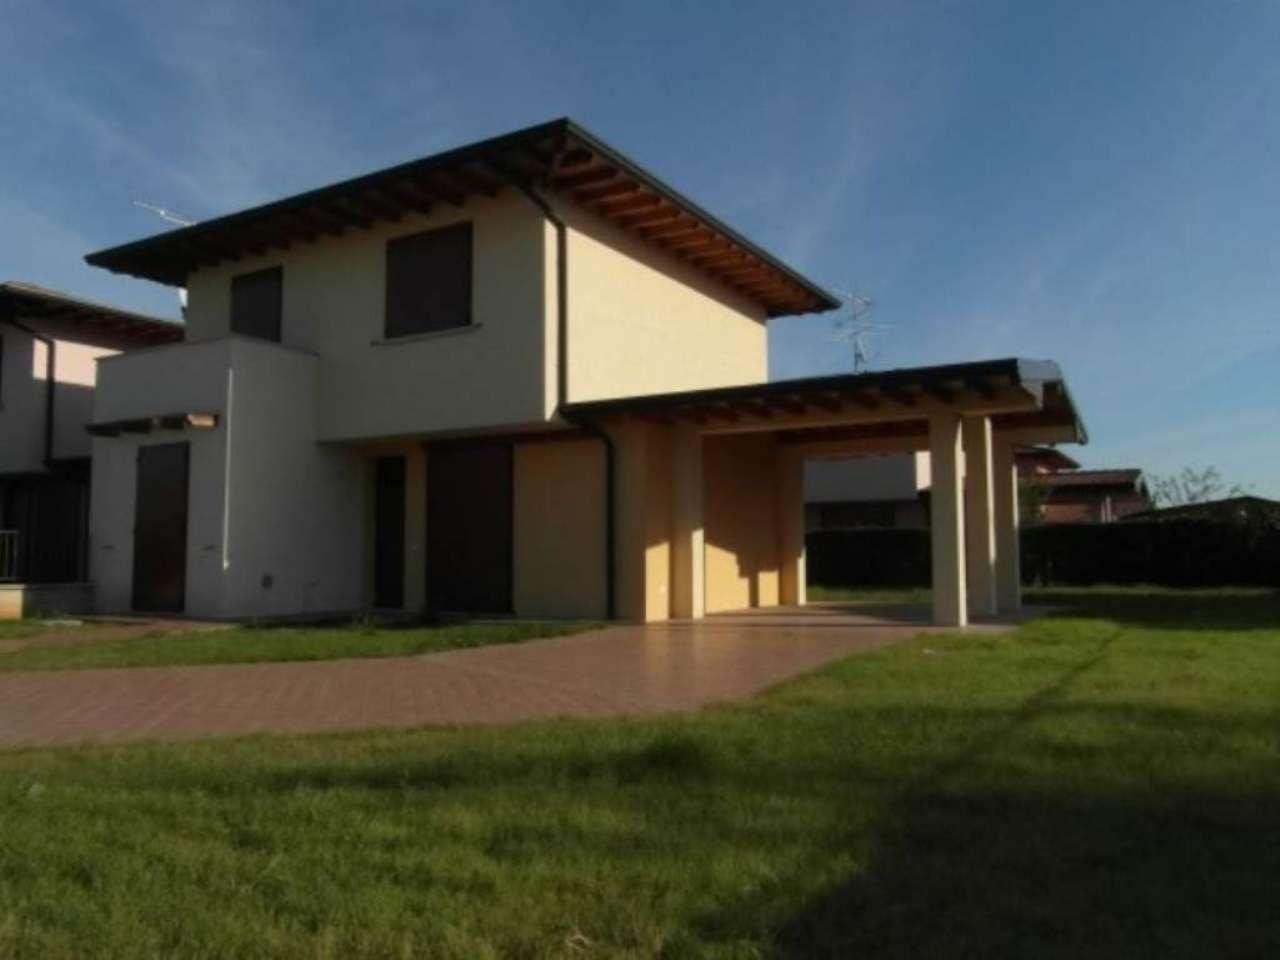 Villa in vendita a Calcinato, 4 locali, prezzo € 225.000 | Cambio Casa.it